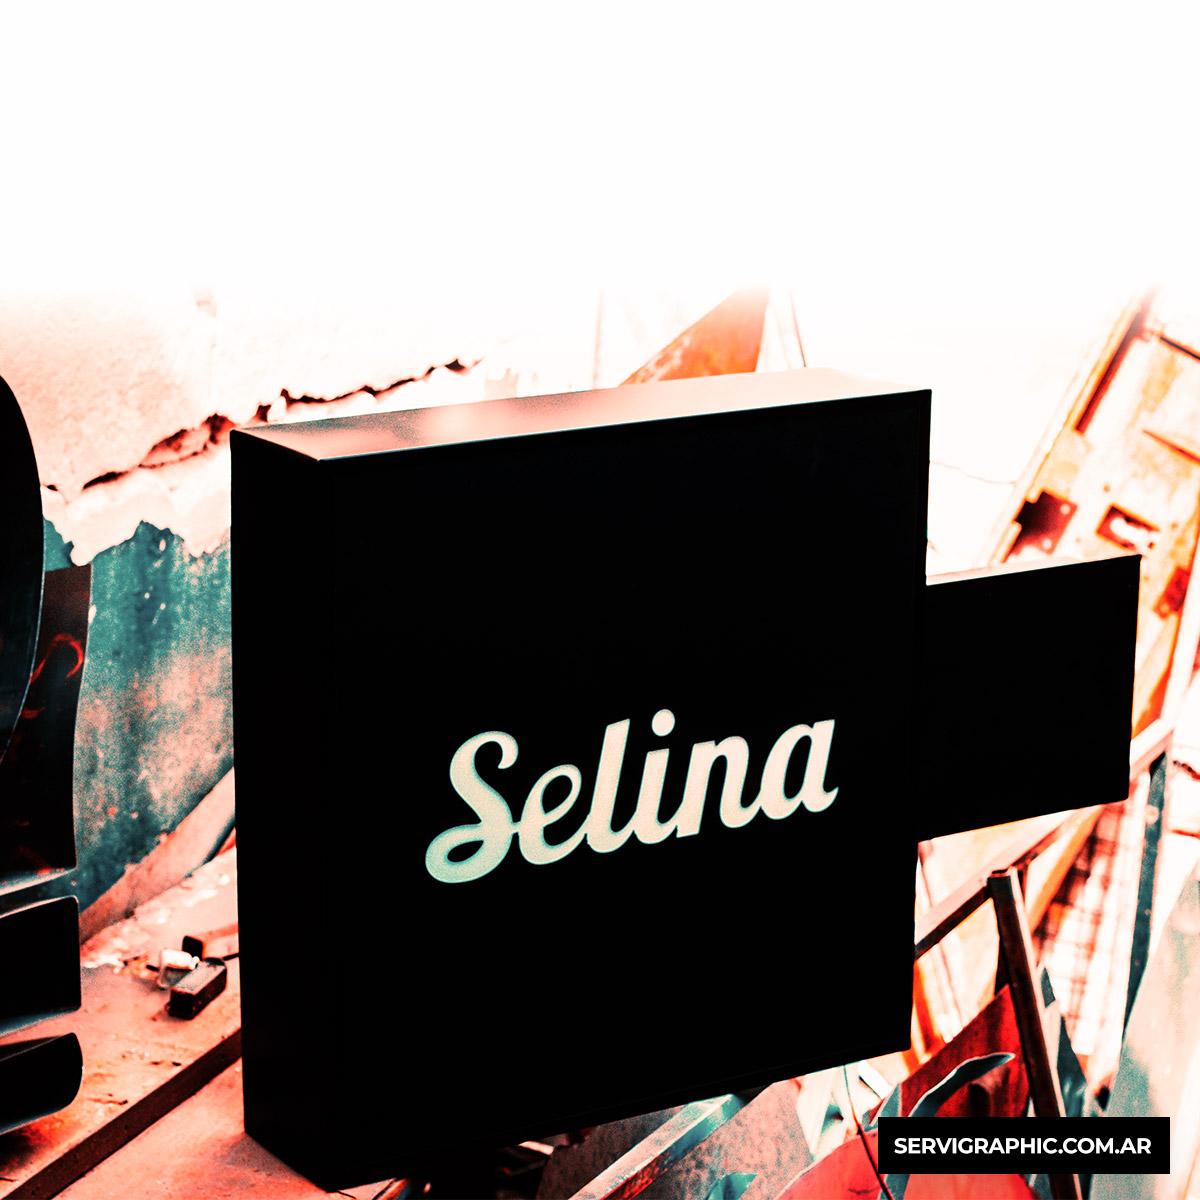 Selina Nueva Cordoba- Cartel saliente luminoso en chapa premium